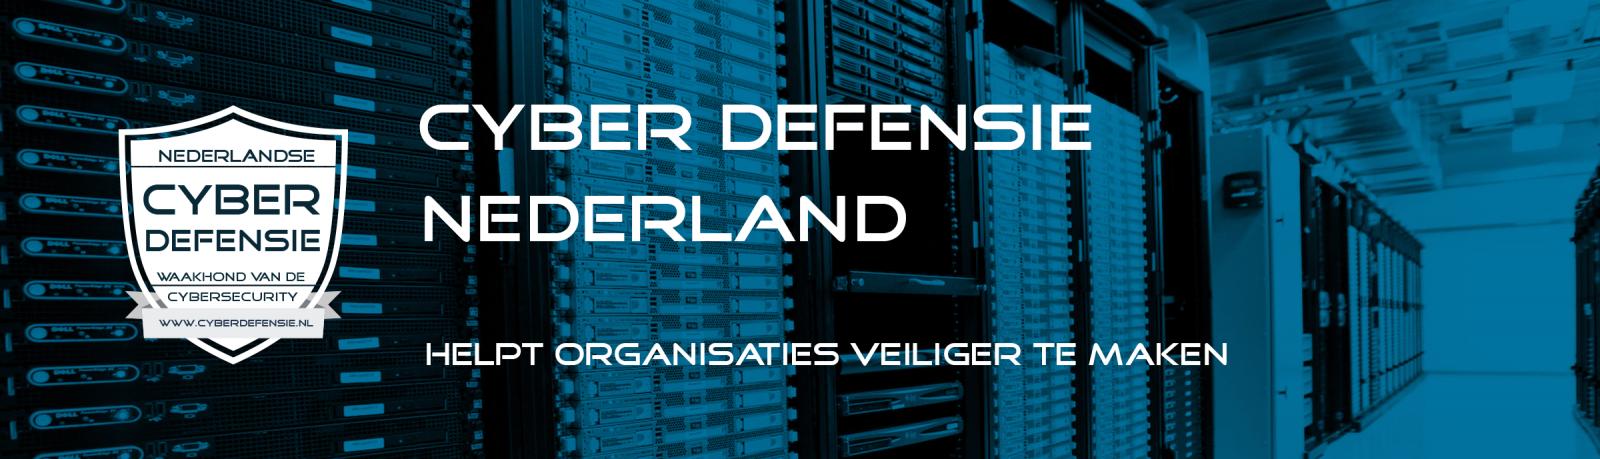 Cyber Security Experts helpen uw cybersecurity te verbeteren